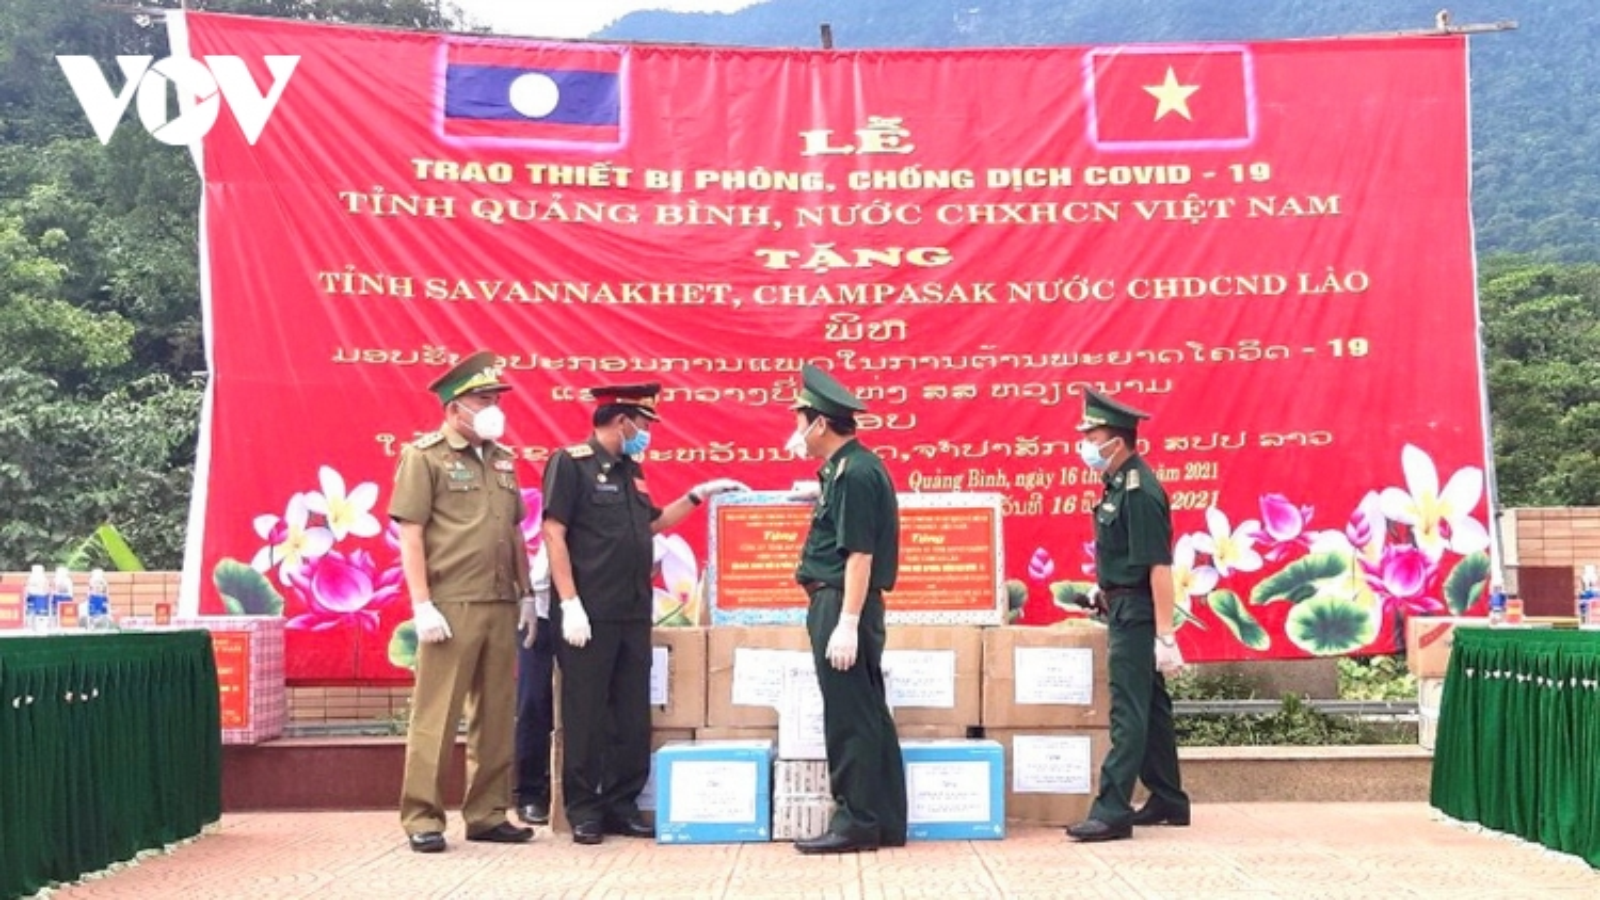 Quảng Bình tặng thiết bị phòng chống dịch Covid-19 cho 2 tỉnh của Lào